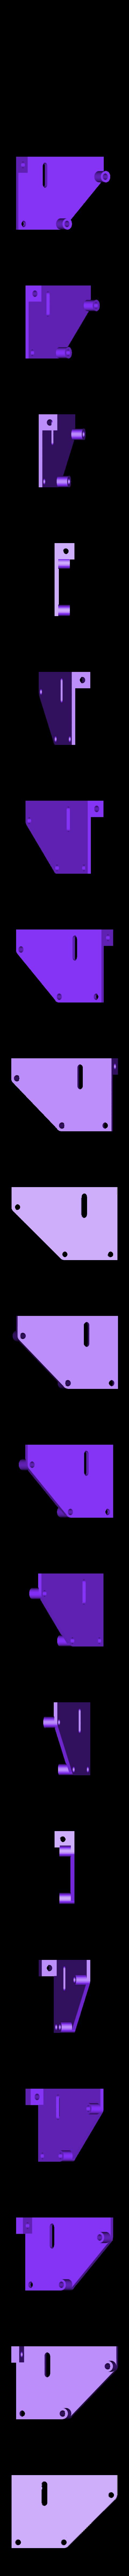 Tread_base_1B.stl Télécharger fichier STL gratuit TBT (Timing Belt Tank) • Plan pour impression 3D, Estebandelgado45